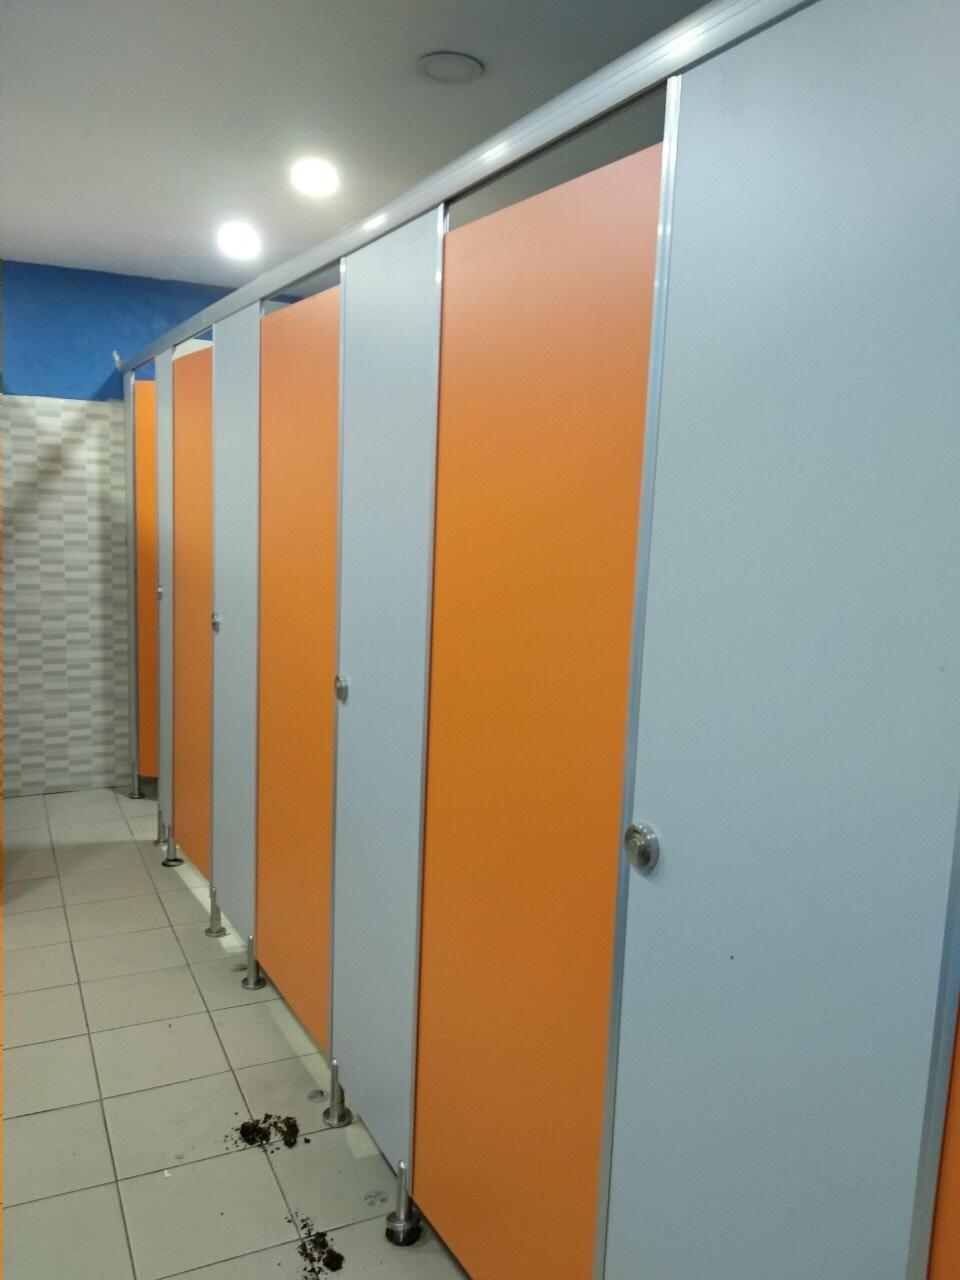 Báo giá vách ngăn chống ẩm HPL tại Nhà máy Cheng Neng Bình Dương